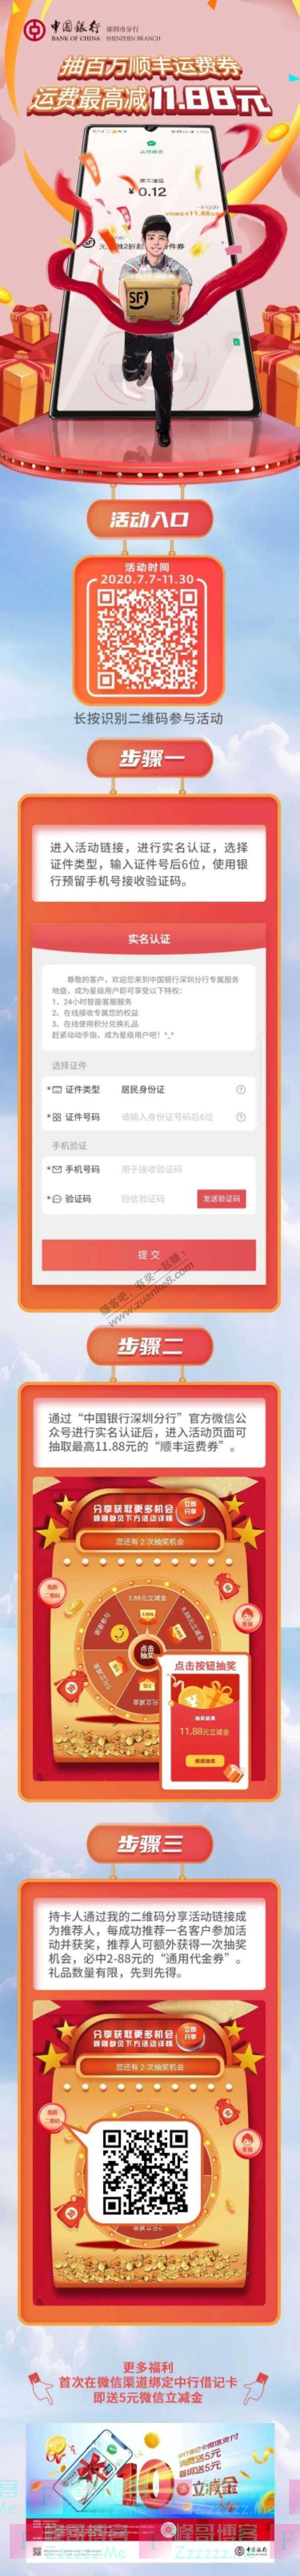 中国银行深圳分行抽百万顺丰运费券,运费最高减11.88元(截止11月30日)